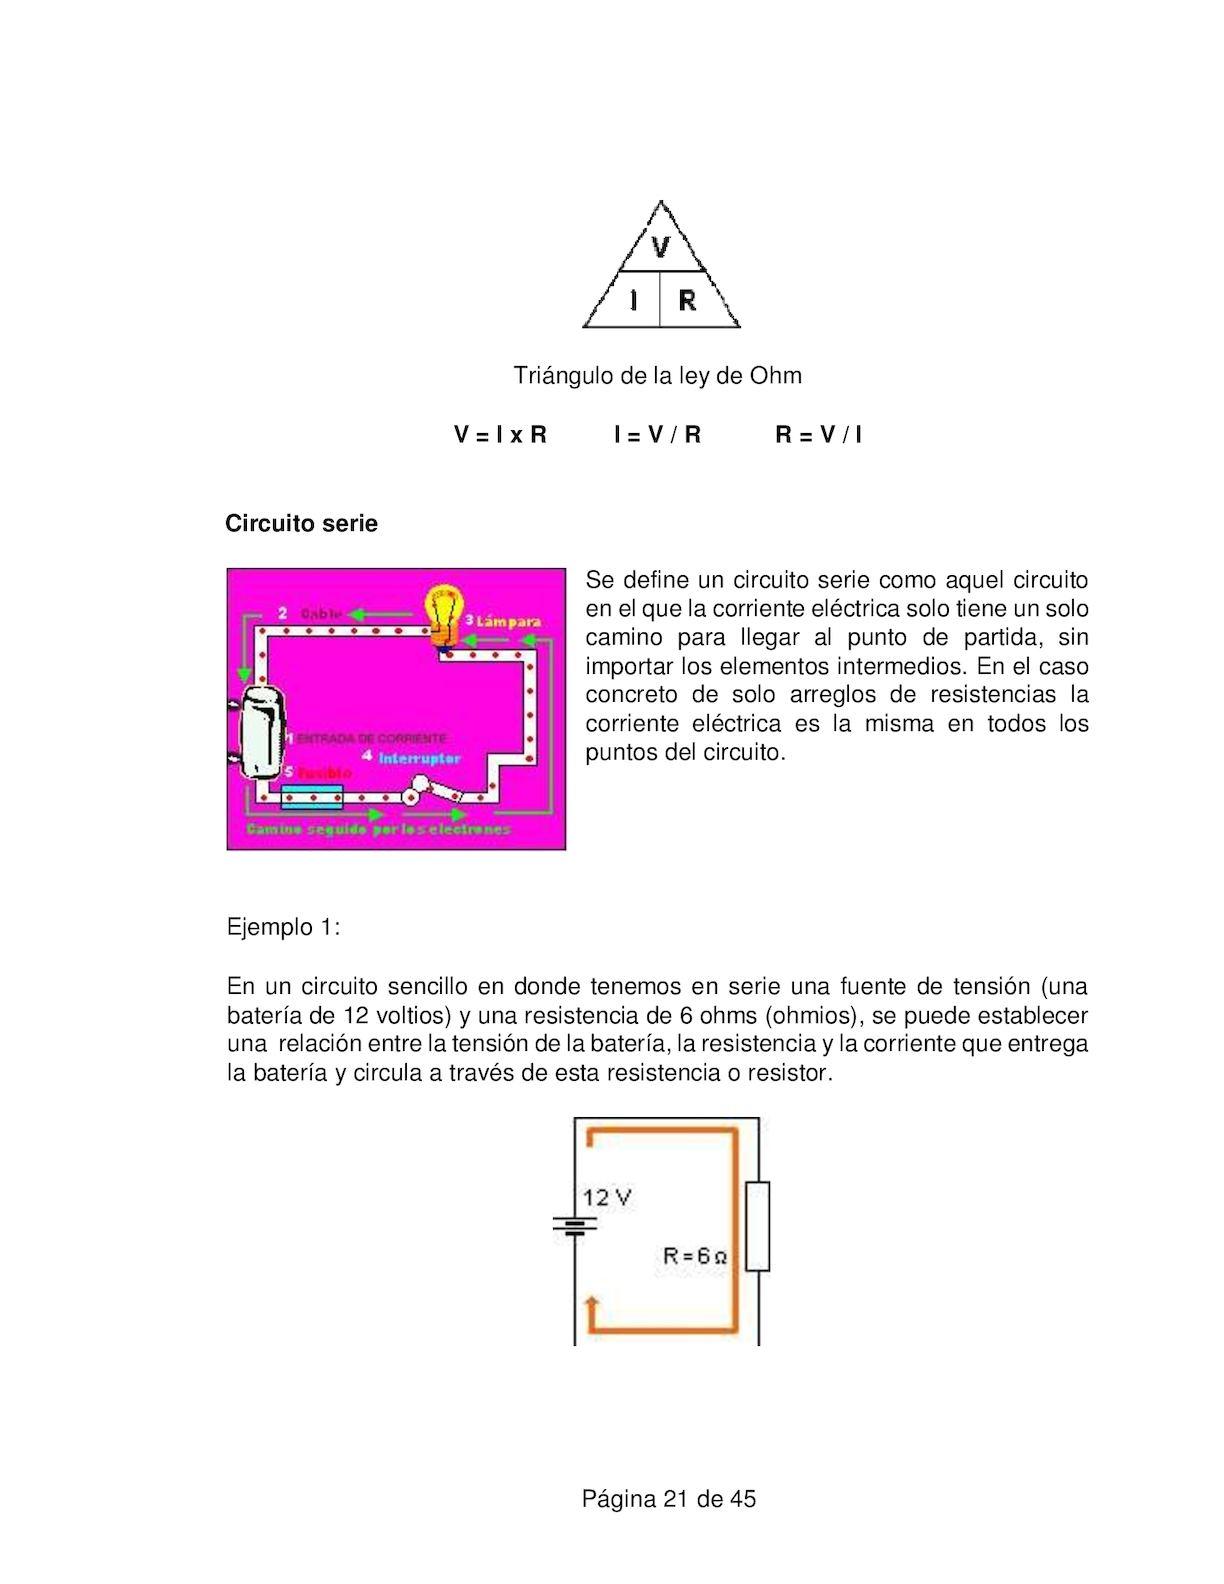 Circuito Sencillo : Electronica ga mide e interpreta 2017 calameo downloader